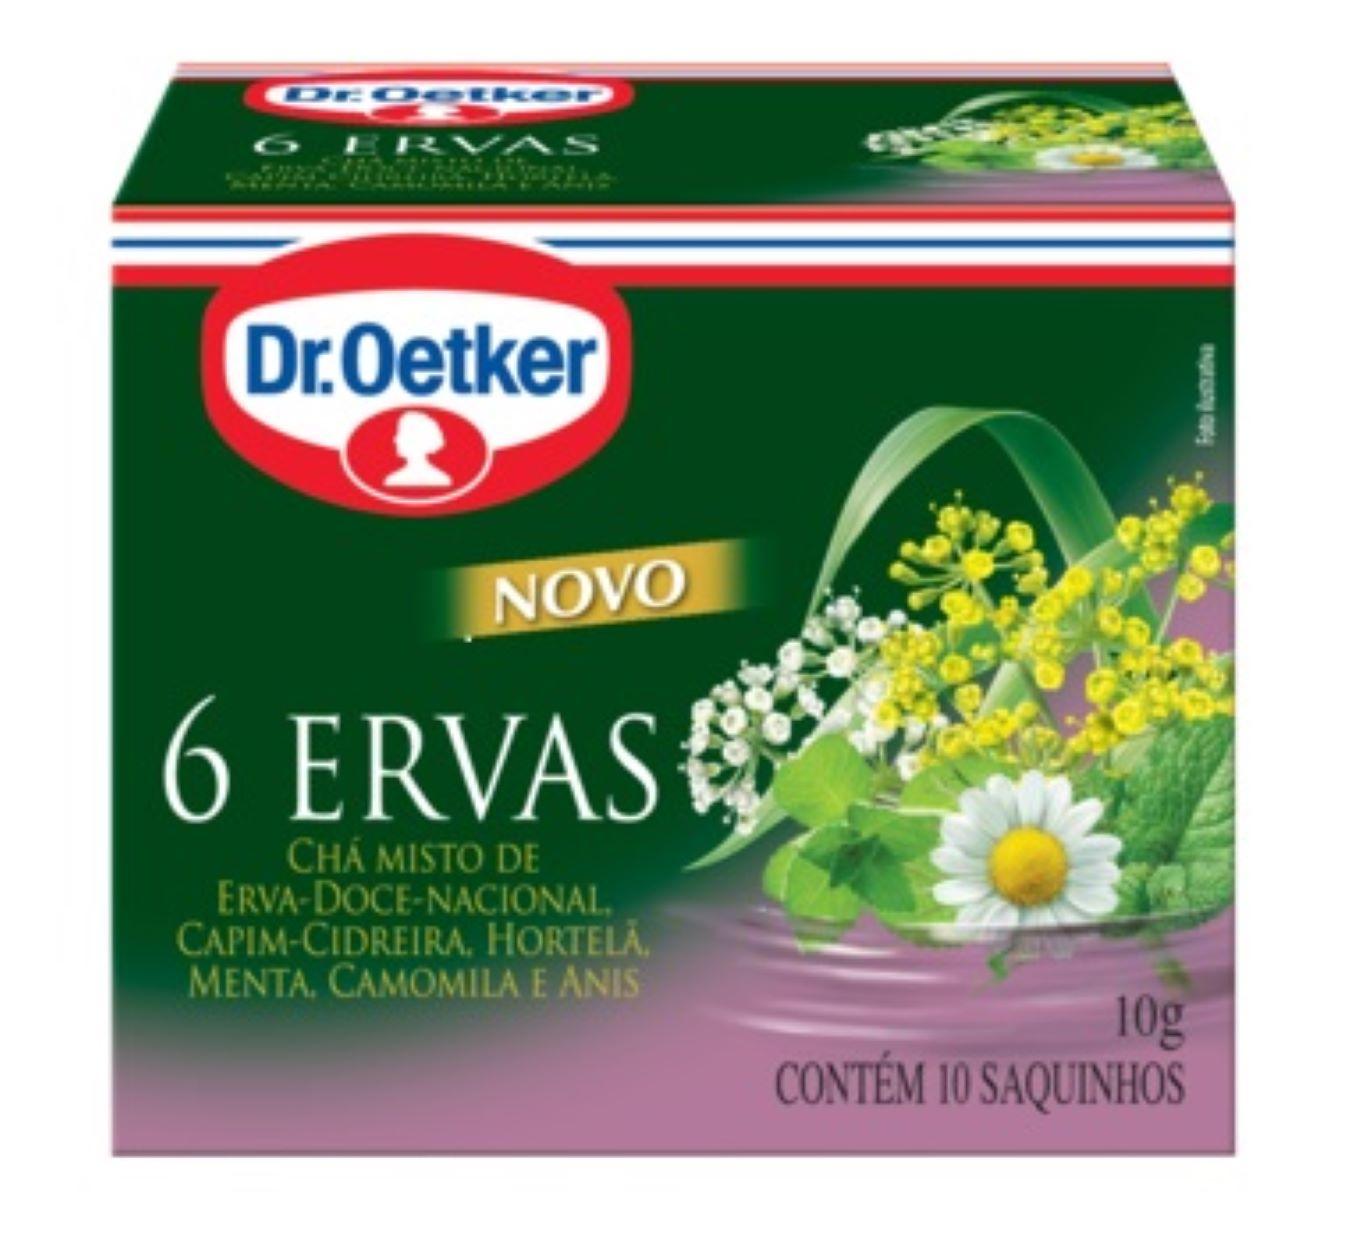 CHÁ DE SEIS ERVAS DR. OETKER KIT COM 02 CAIXAS.